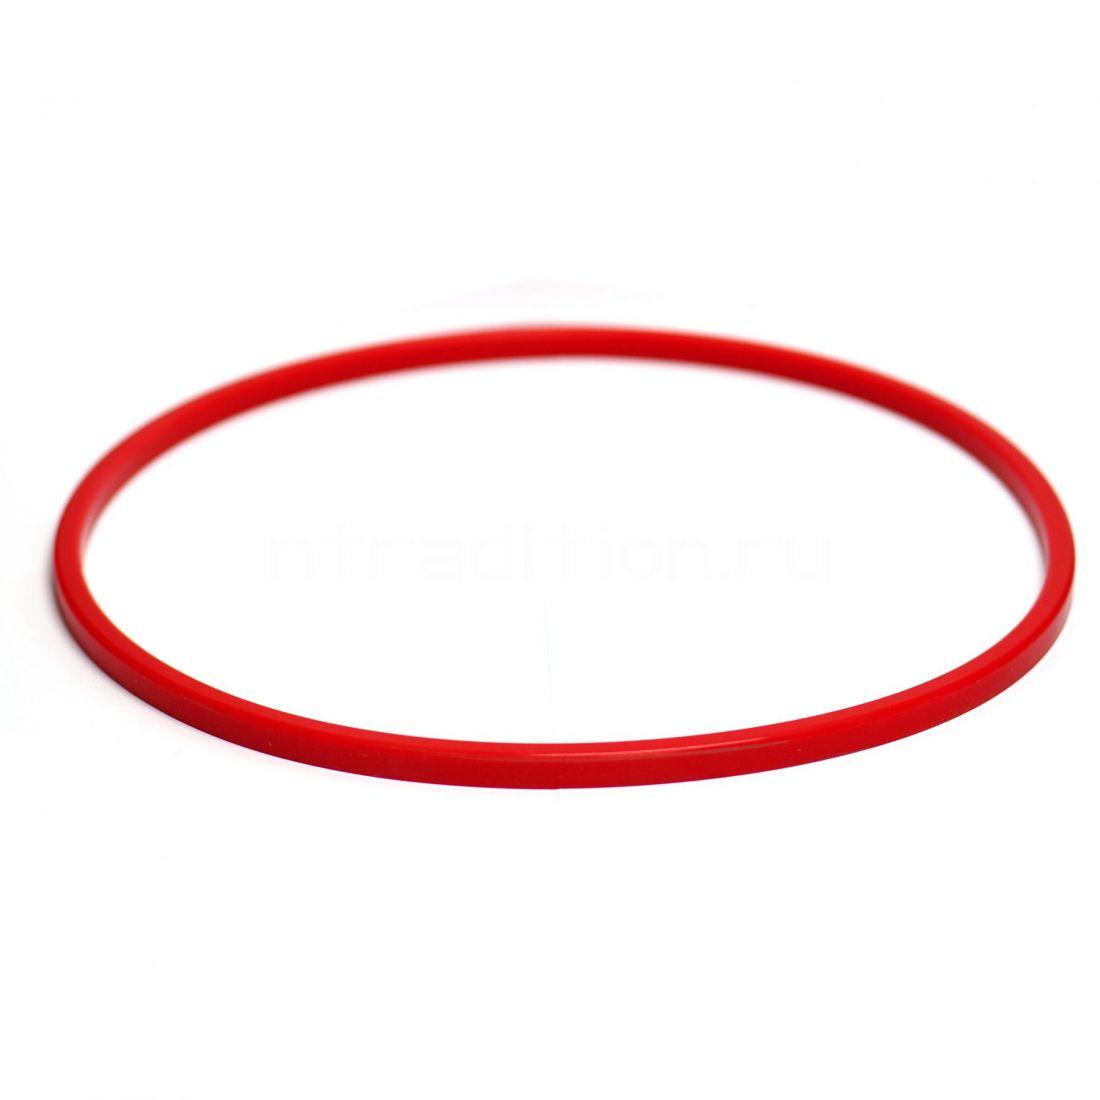 Толстая прокладка для куба Люкссталь, объемом 36 литров (красная)